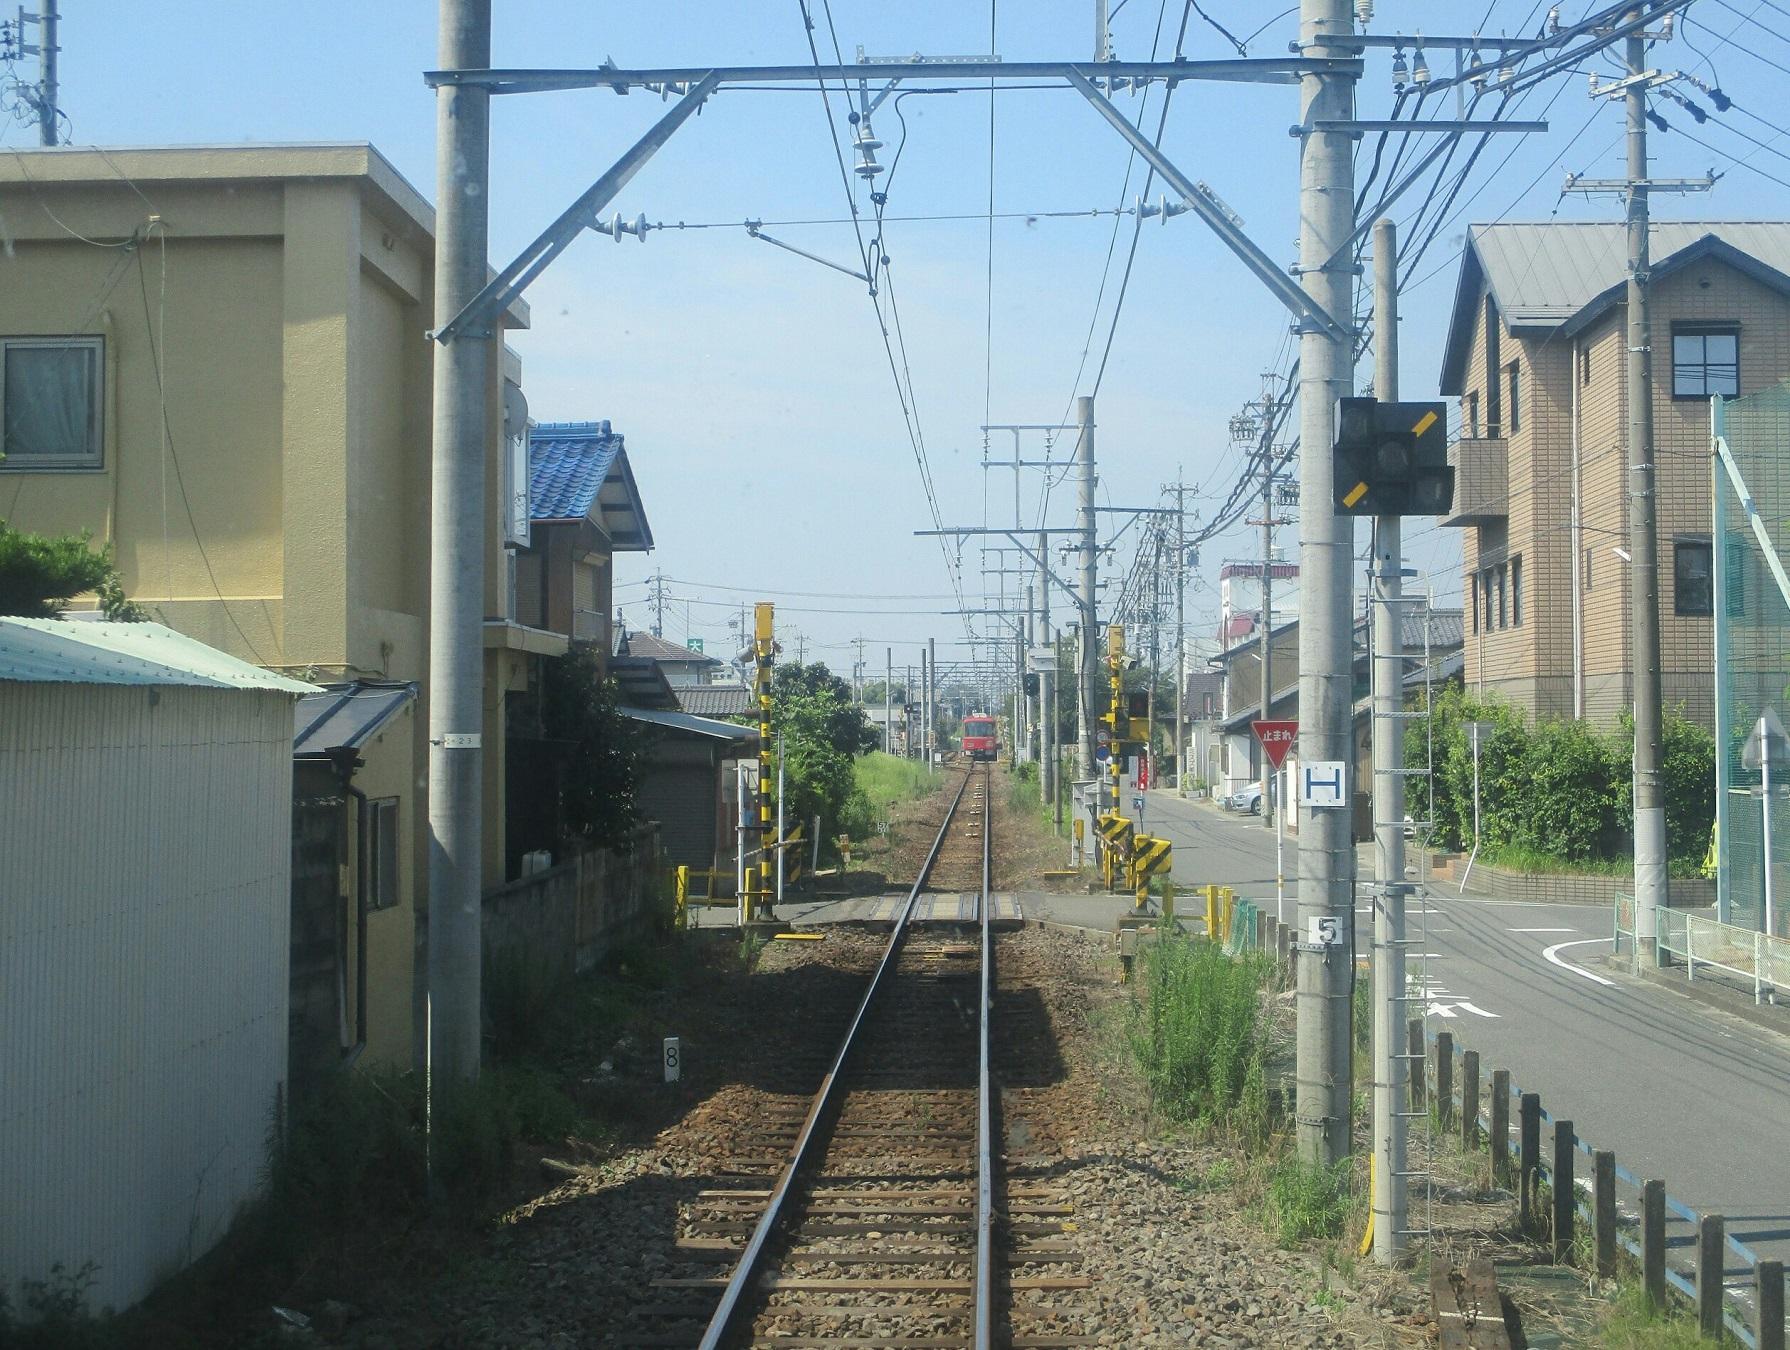 2018.7.18 (28) 新羽島いきふつう - 西笠松てまえ 1790-1350